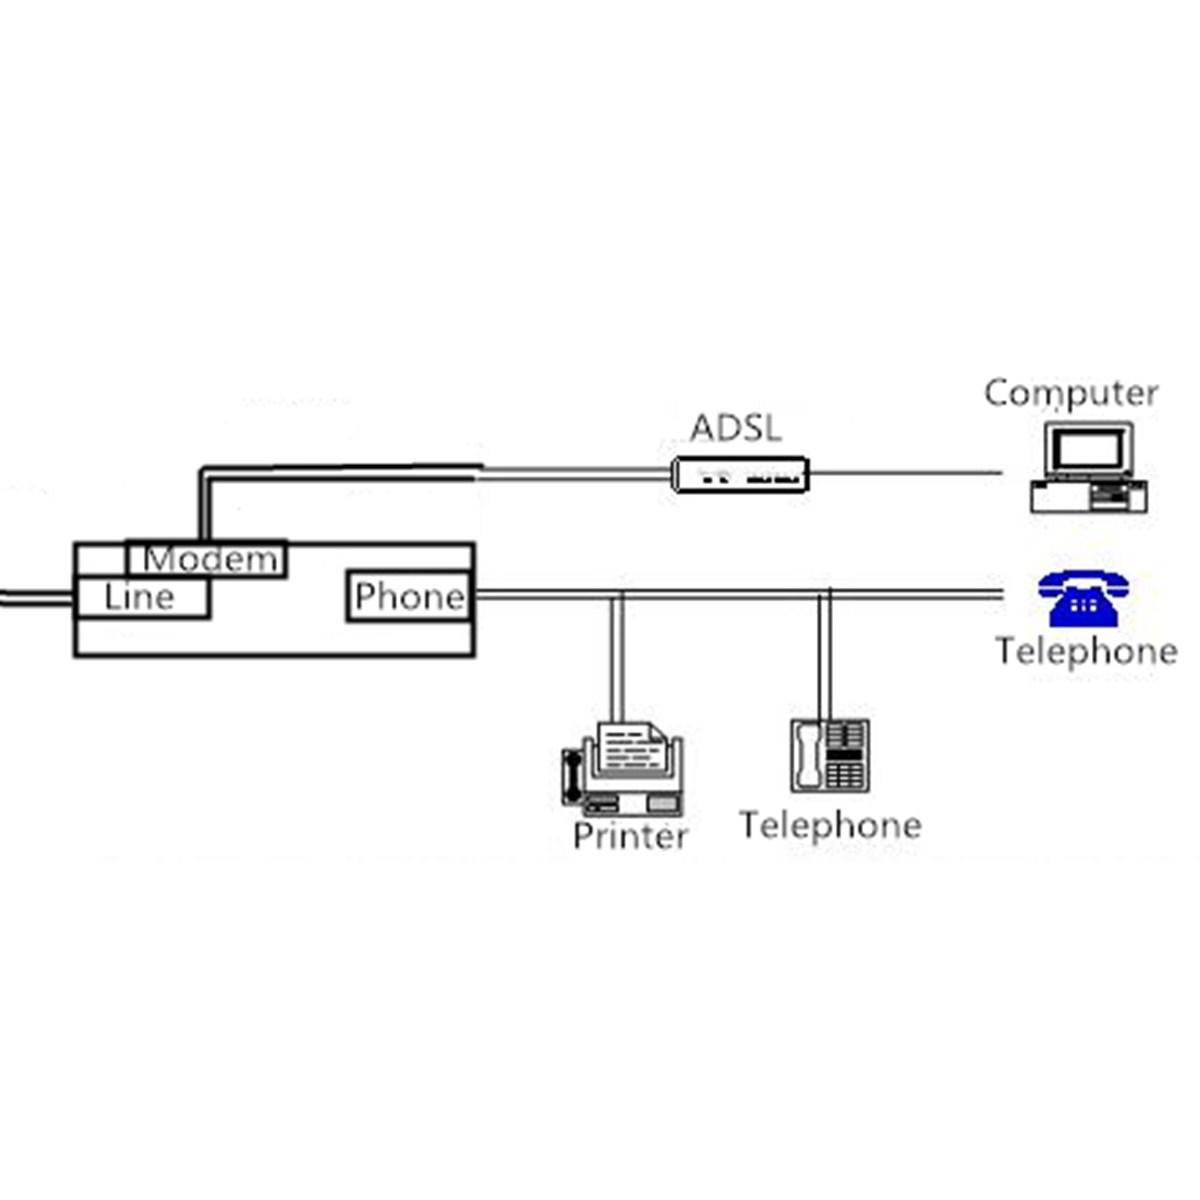 rj11 adsl fax modem broadband phone network jack cable. Black Bedroom Furniture Sets. Home Design Ideas